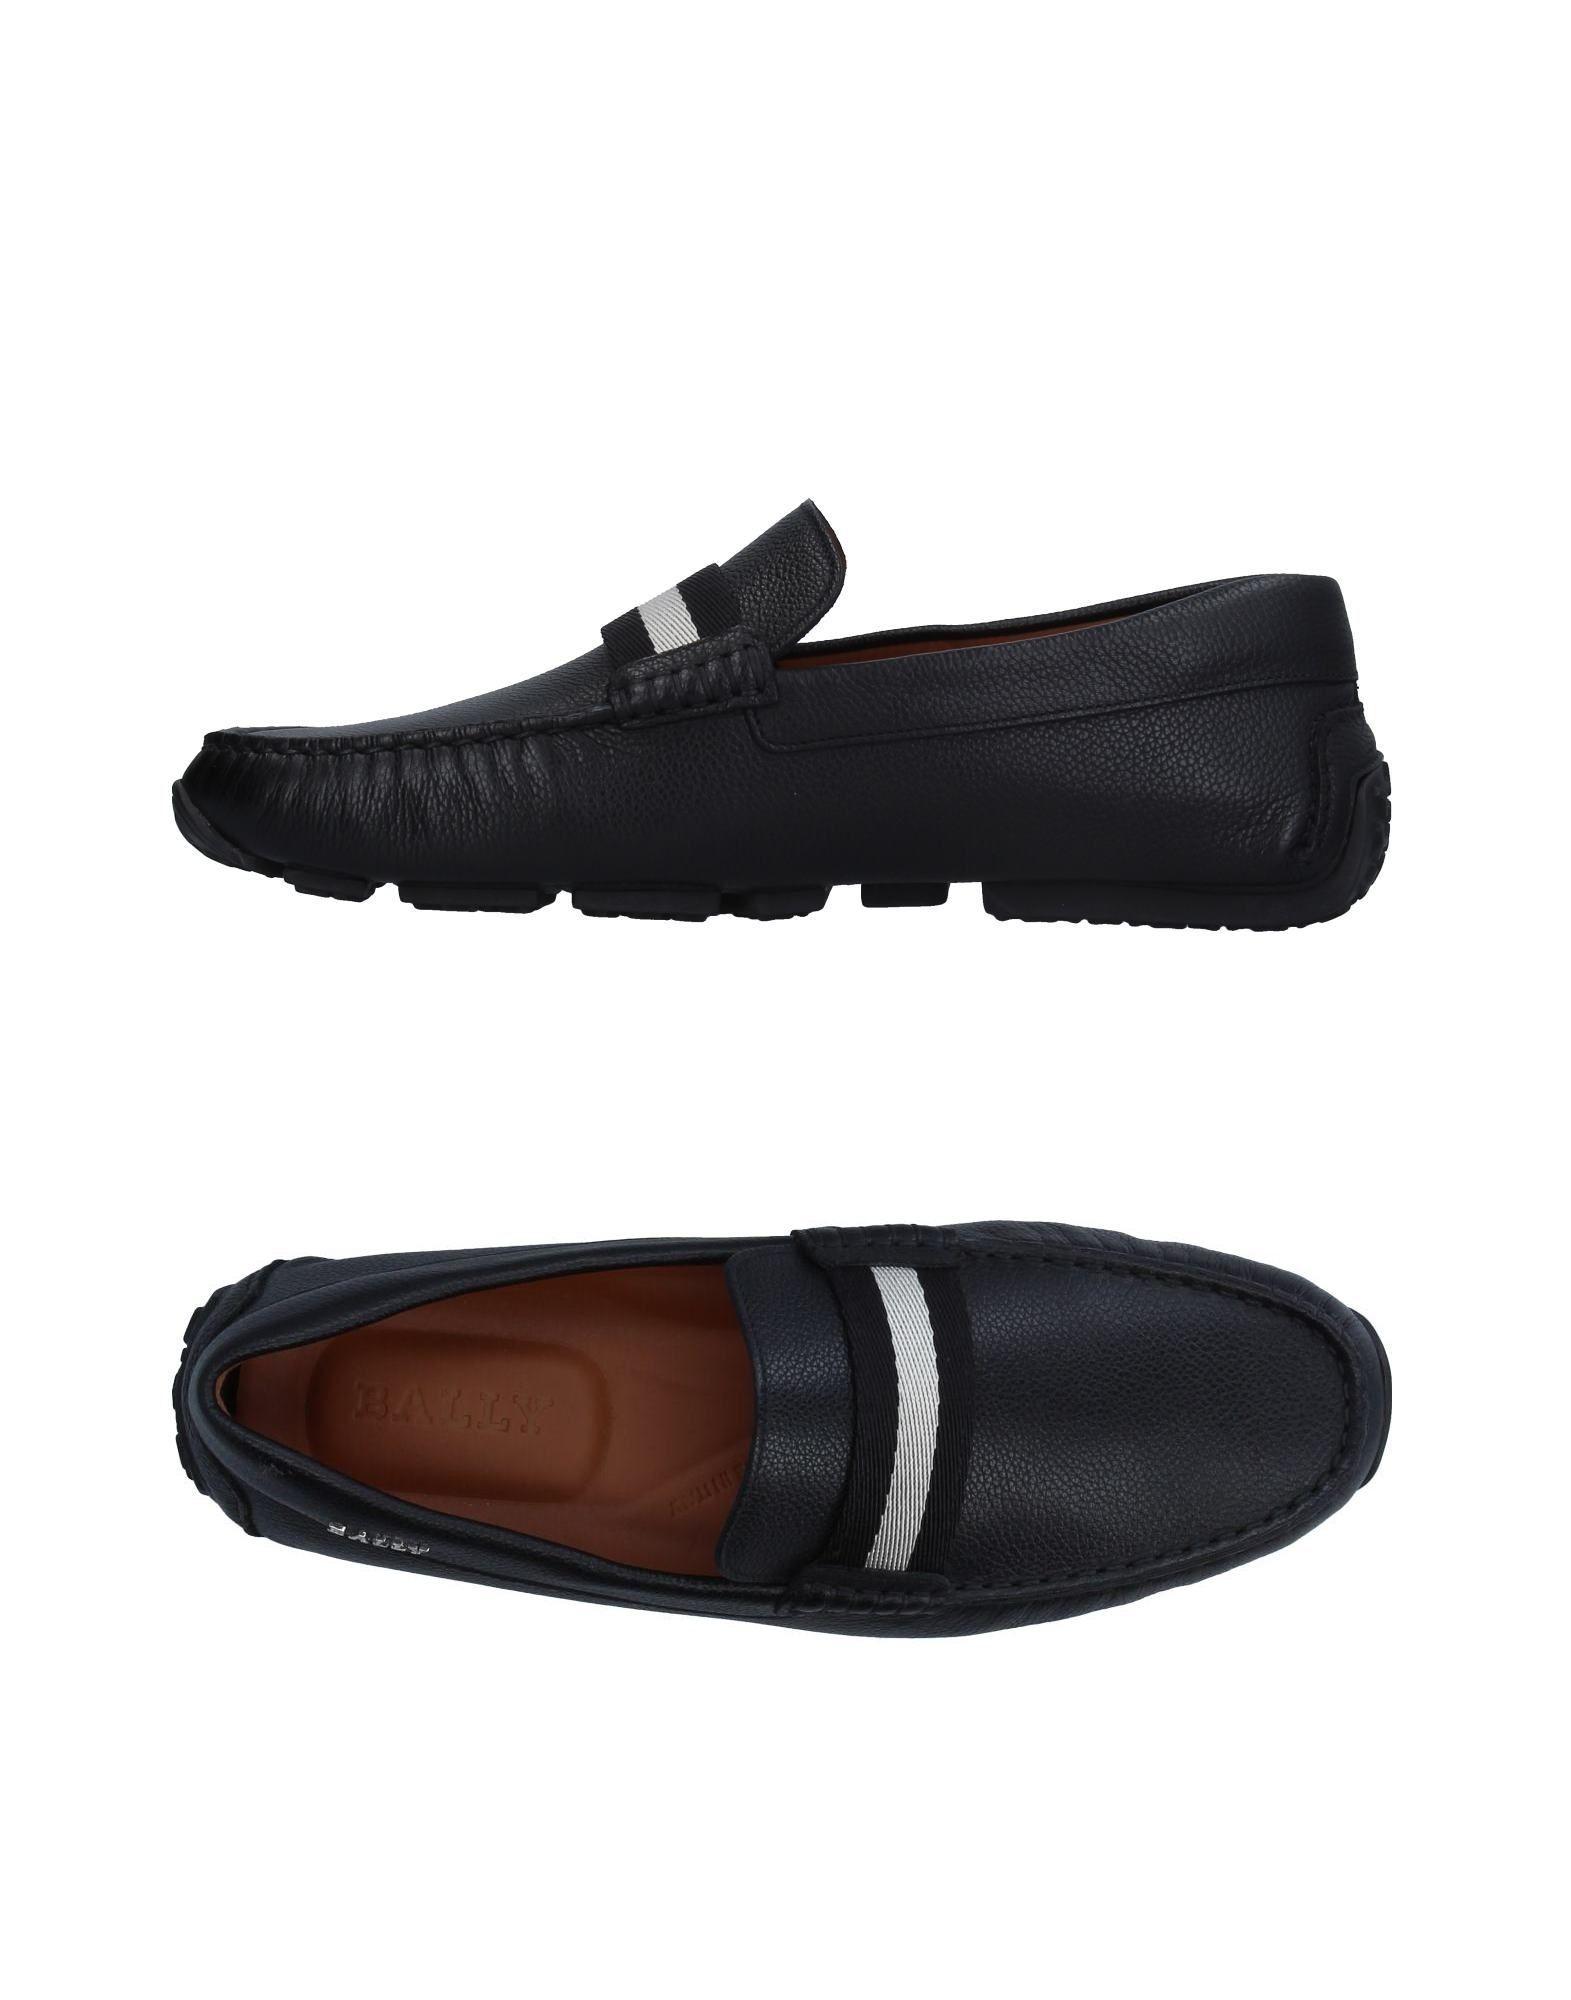 Bally Loafers online - Men Bally Loafers online Loafers on  Australia - 11329750XH 1e1b0b